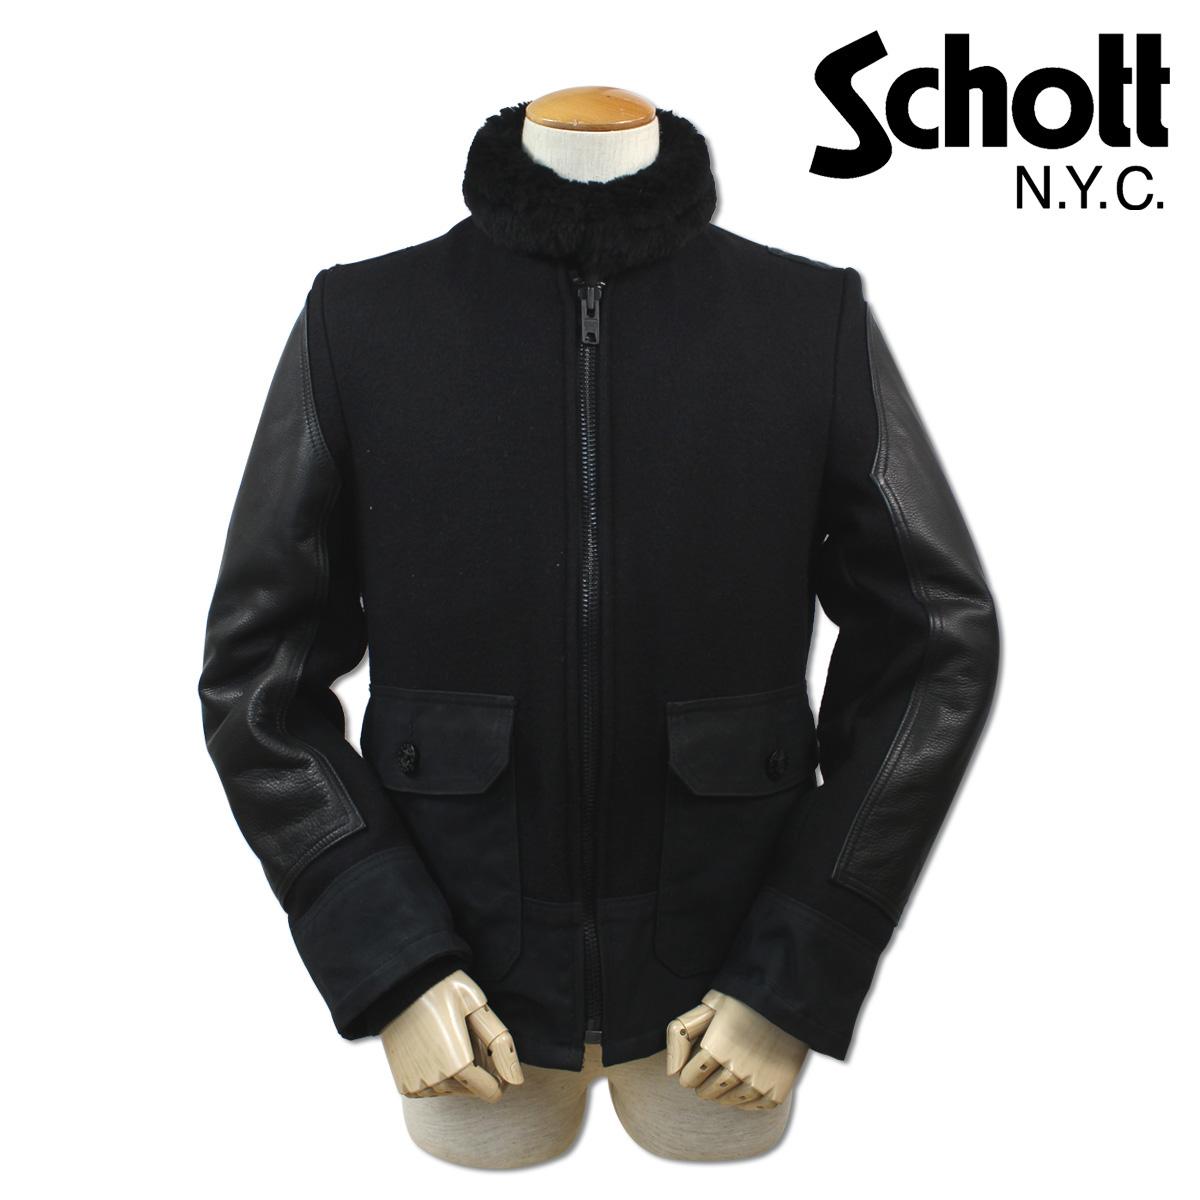 Schott ショット ボンバージャケット レザージャケット ブルゾン PERFECT SLEEVE LEATHER JACKET メンズ